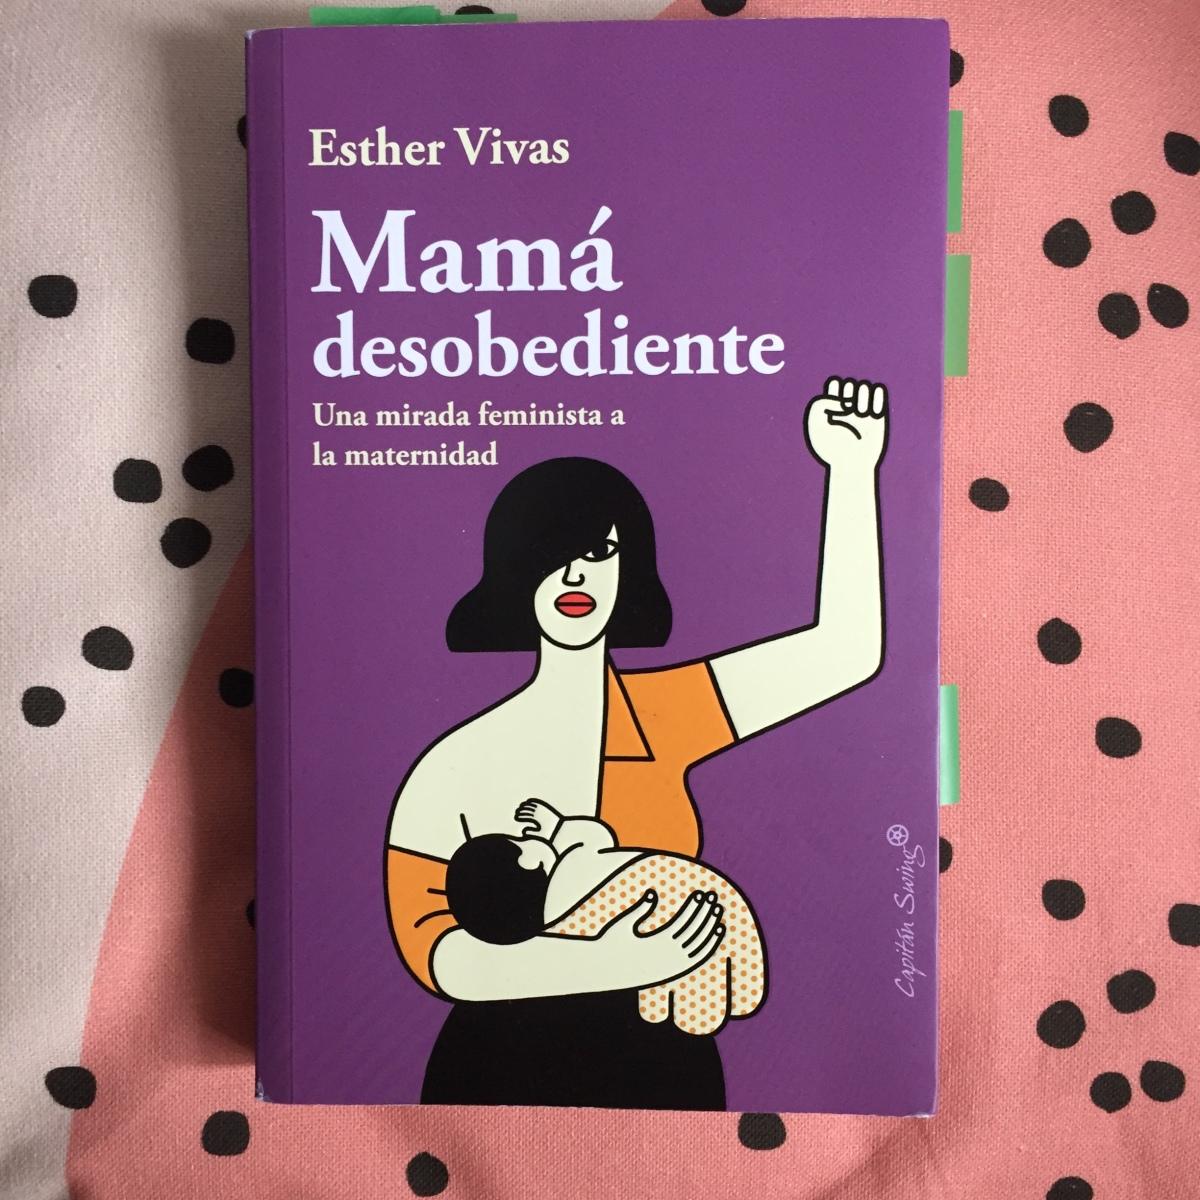 'Mamá desobediente': Esther Vivas y su mirada feminista a la maternidad.